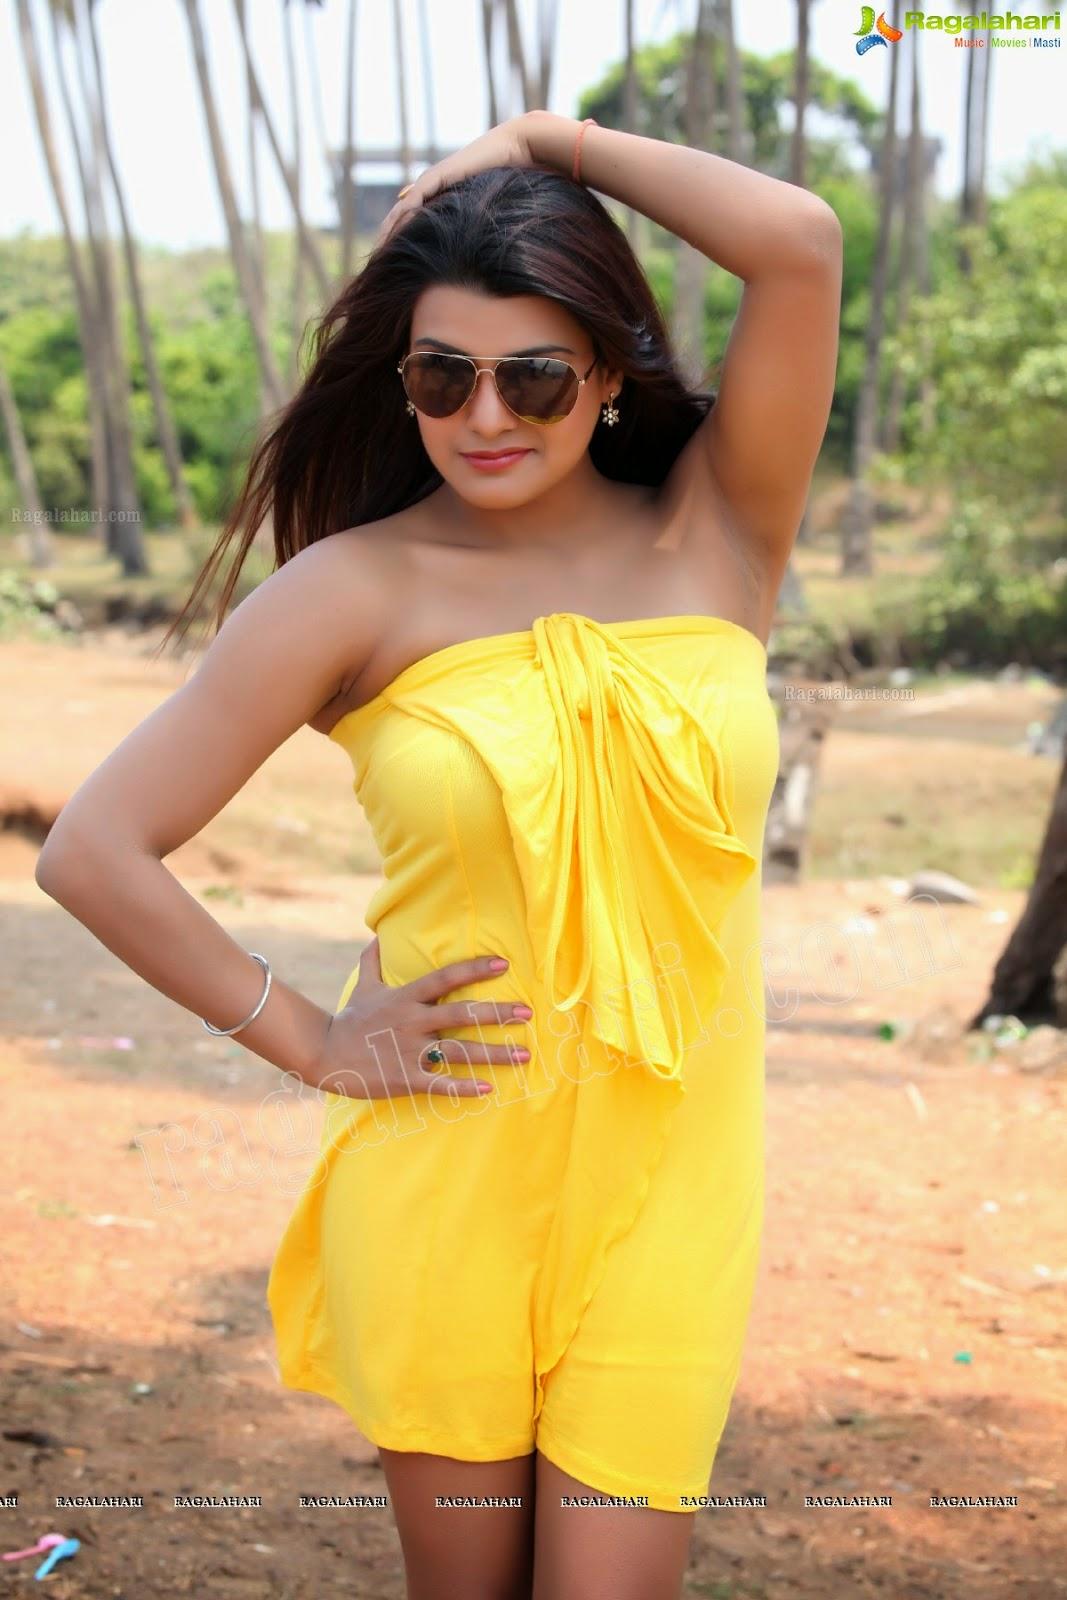 Tashu Kaushik Hot Armpit Show in a mini Sleevless Dress